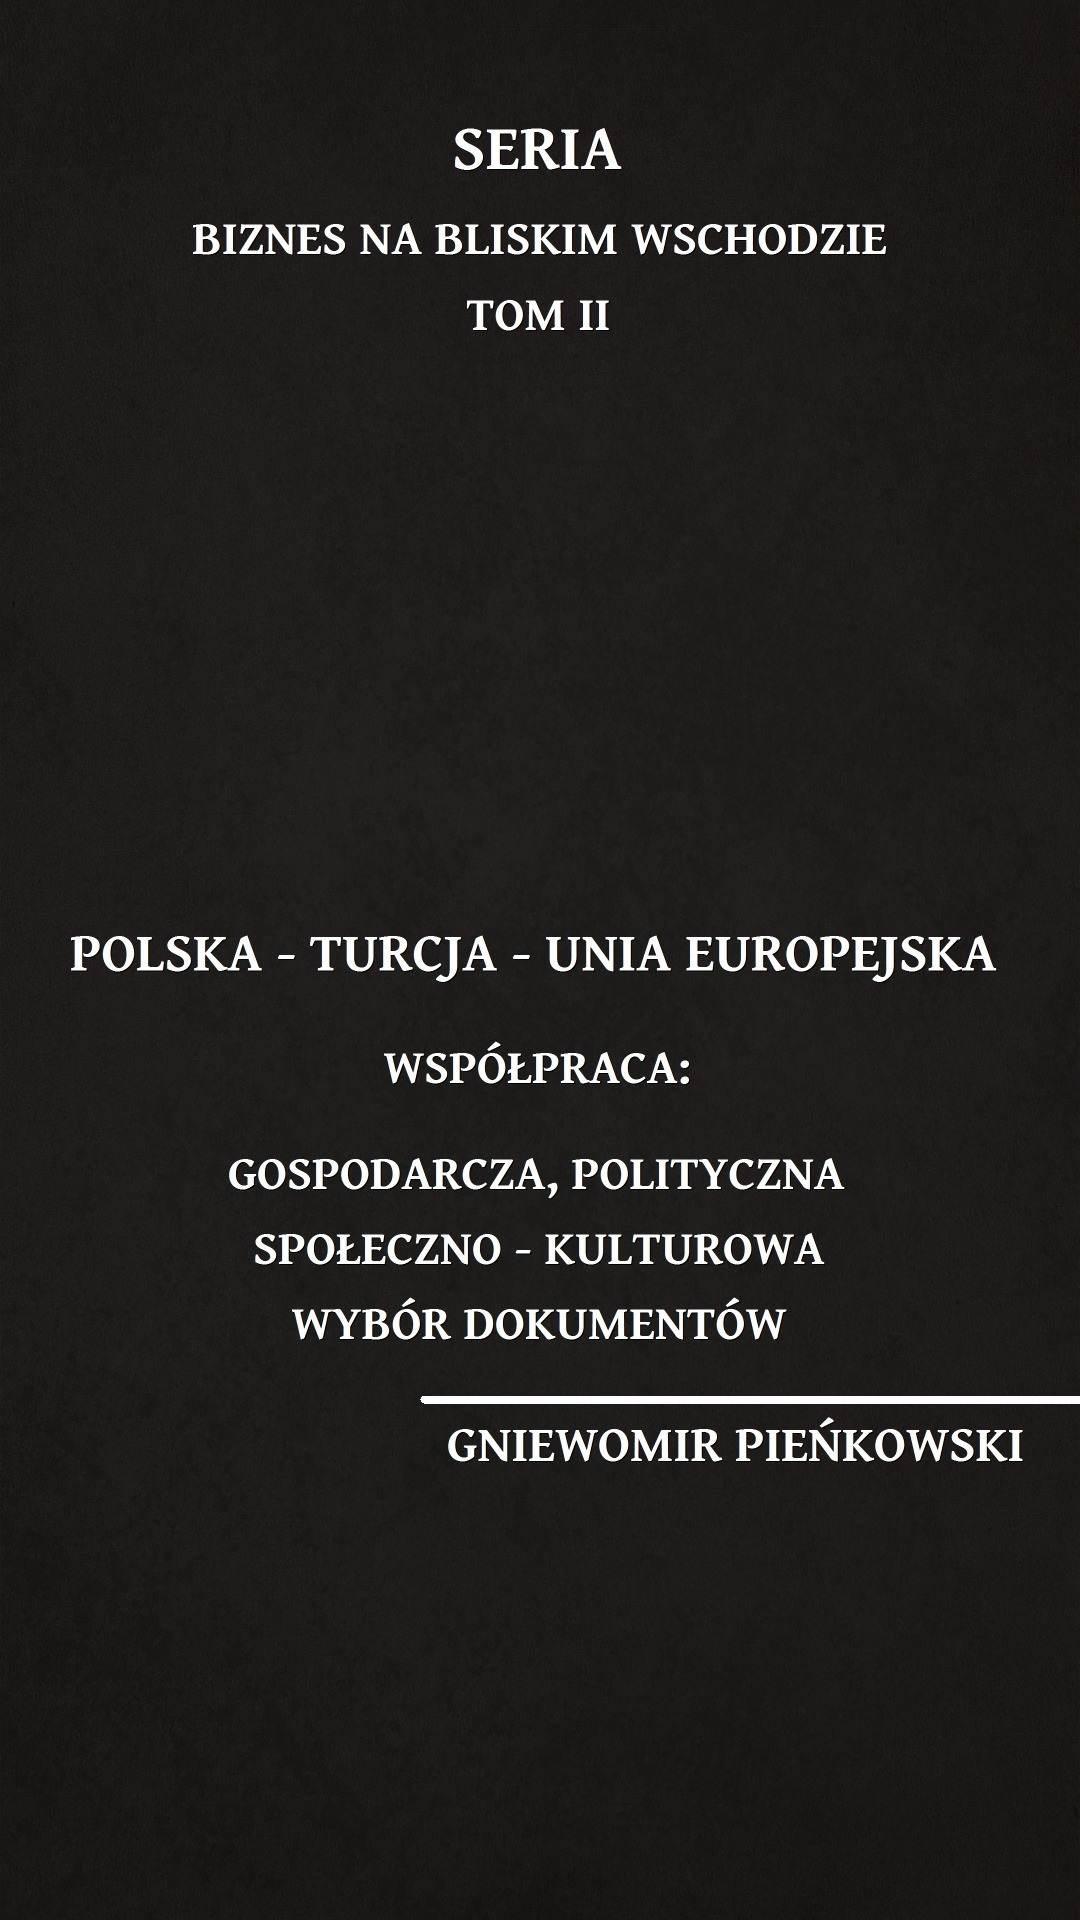 Polska – Turcja – Unia Europejska. Współpraca: gospodarcza, polityczna, społeczno – kulturowa. Wybór dokumentów - Ebook (Książka PDF) do pobrania w formacie PDF